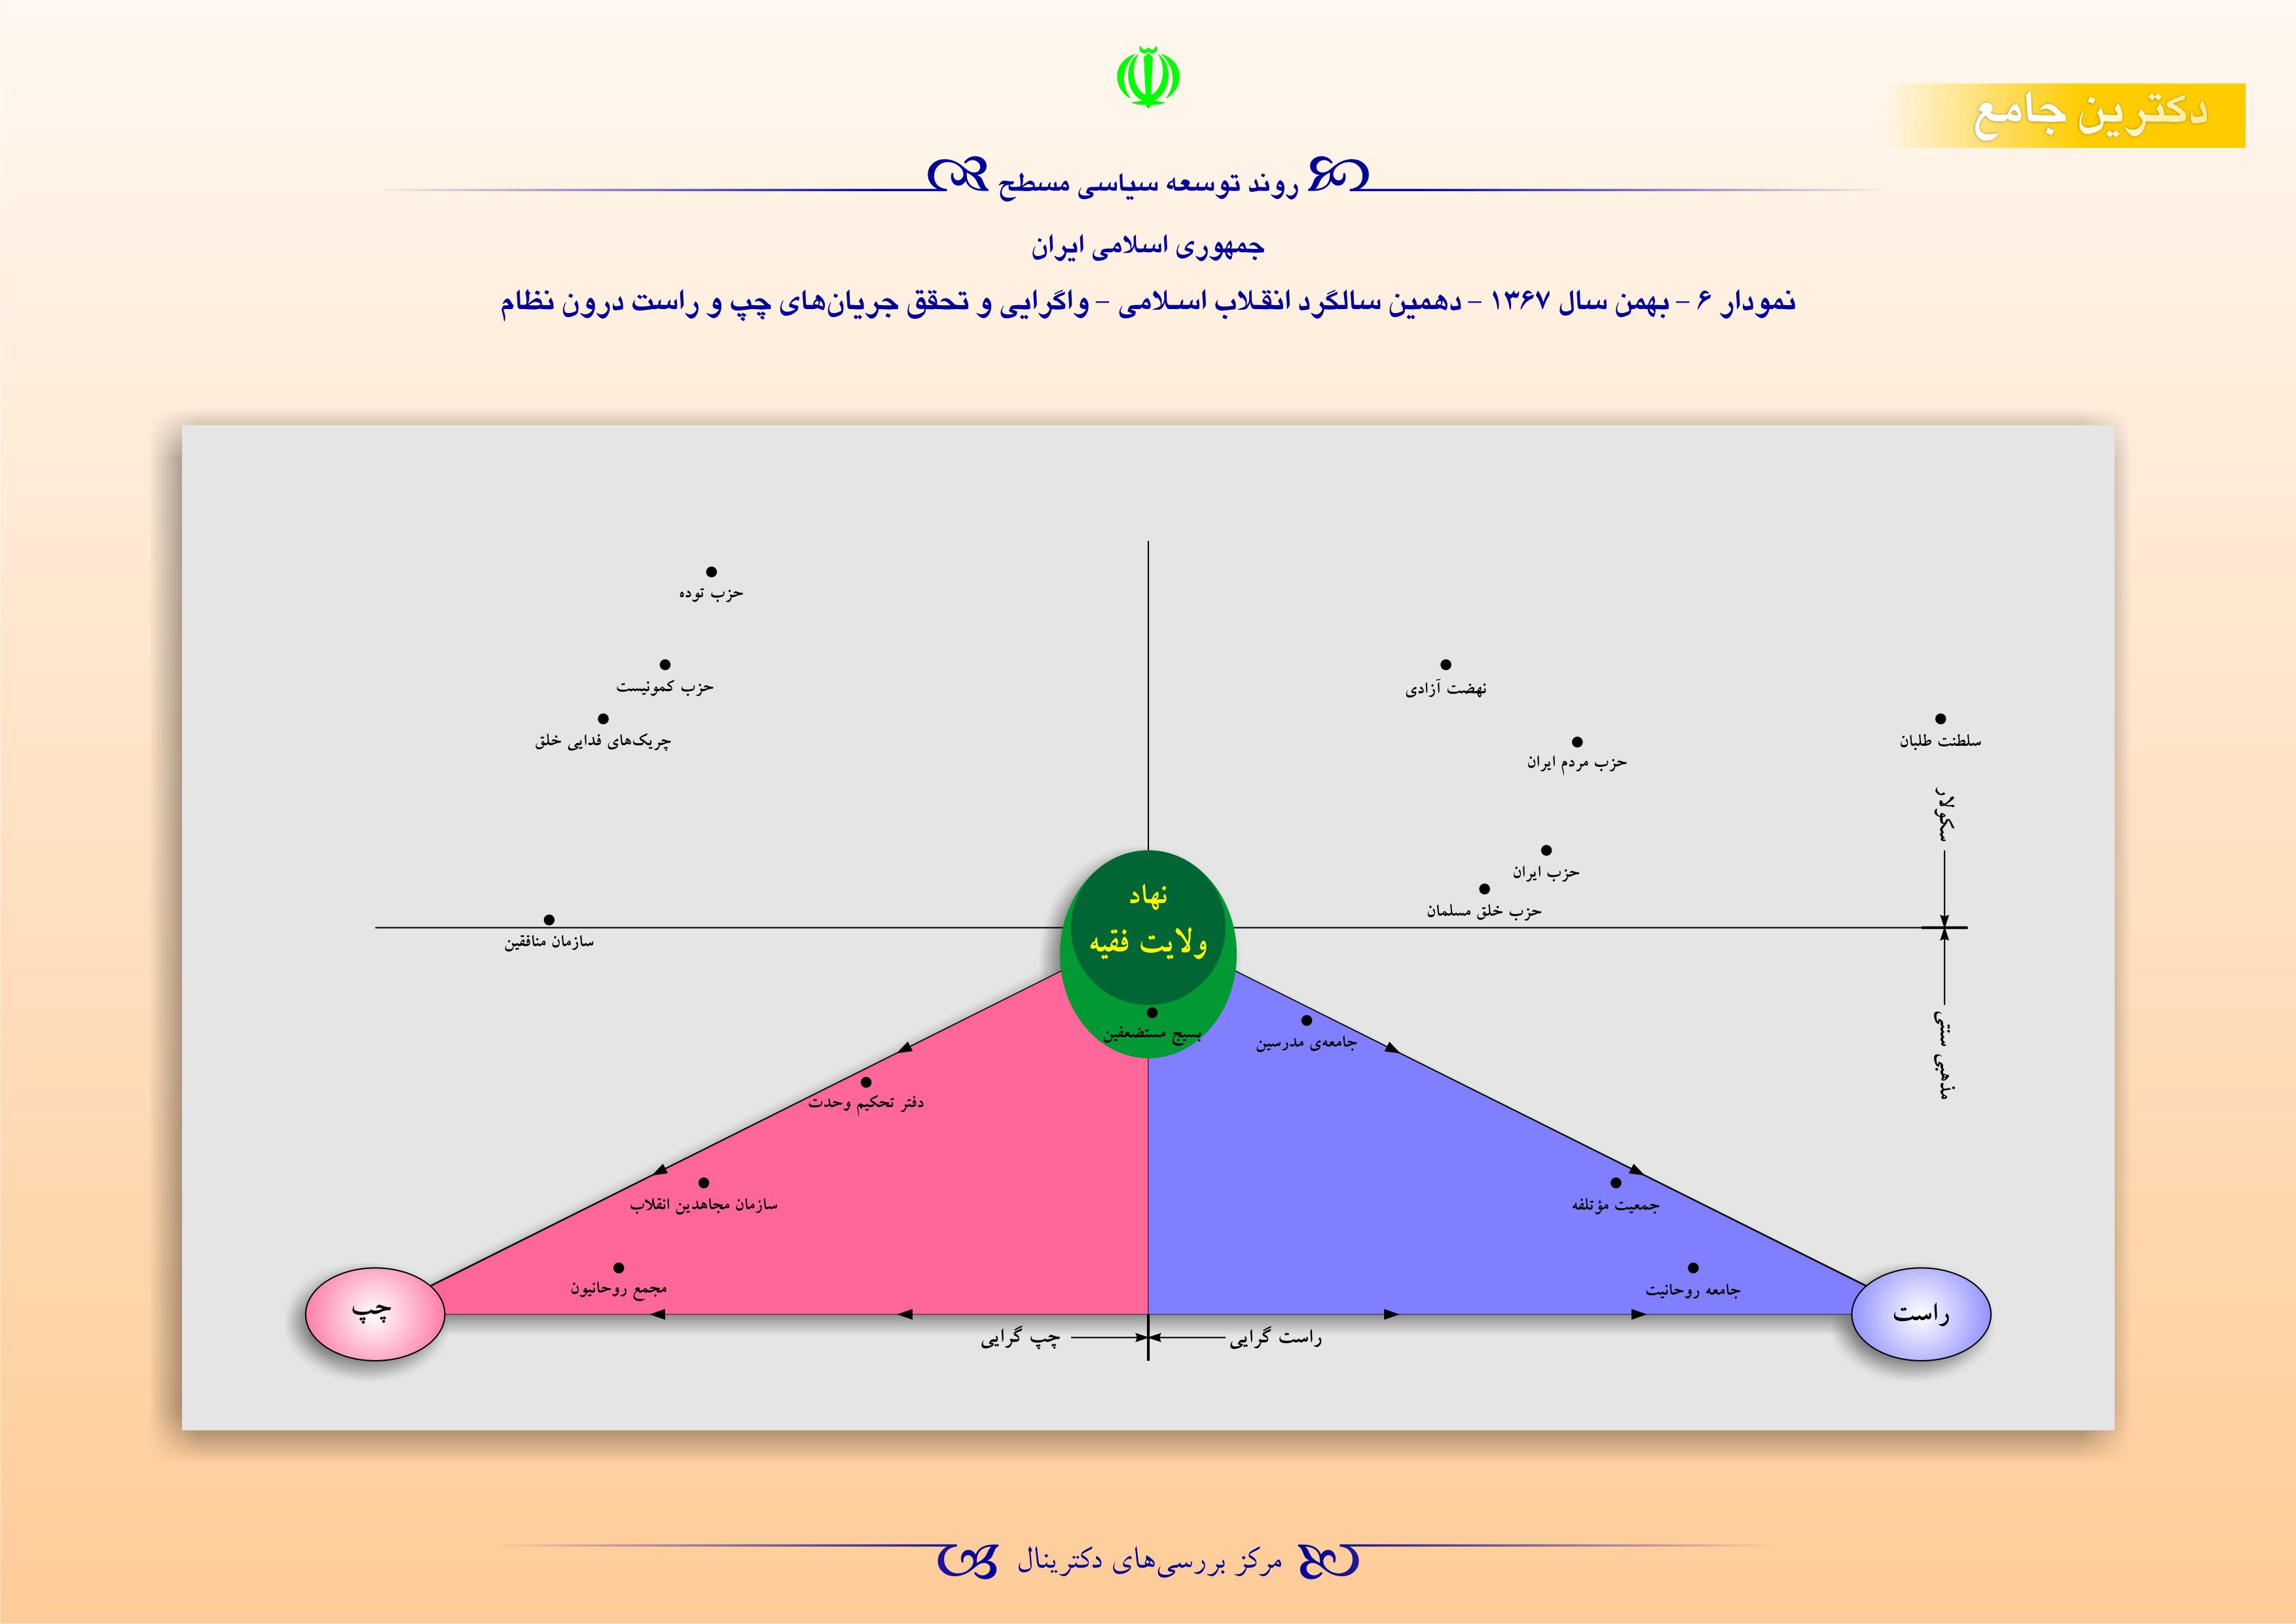 روند توسعه سیاسی مسطح جمهوری اسلامی ایران - بهمن سال 1367